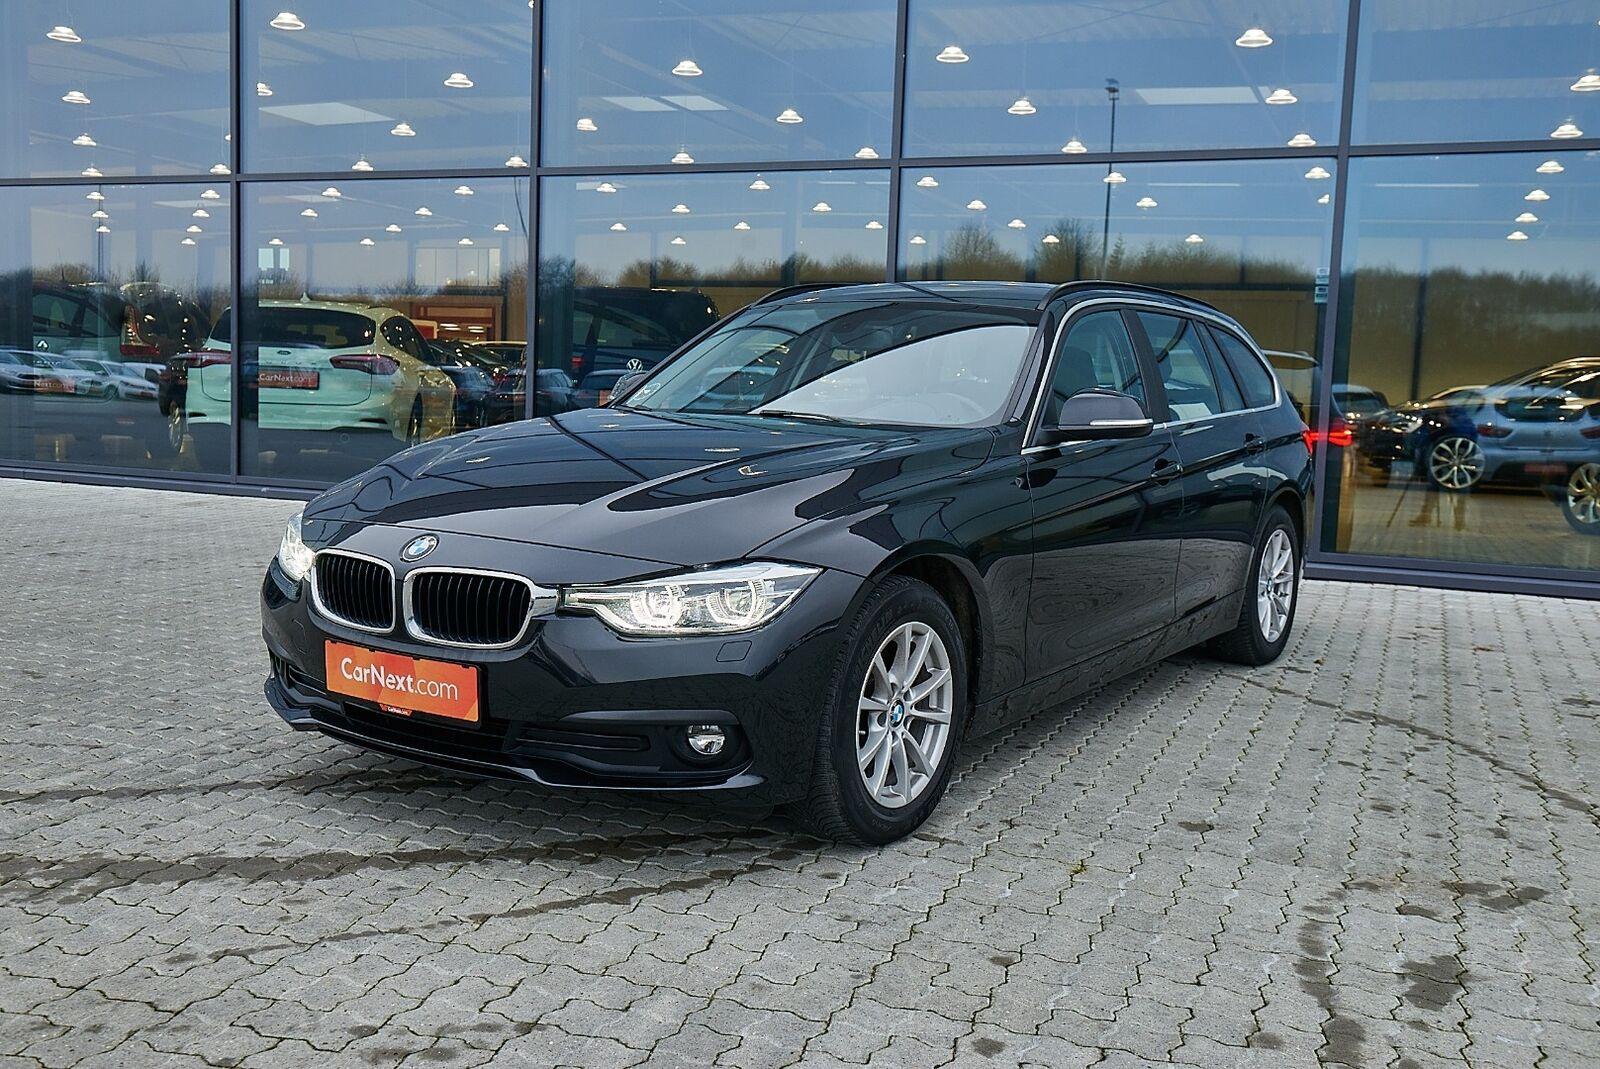 BMW 320d 2,0 Touring Executive aut. 5d - 269.900 kr.